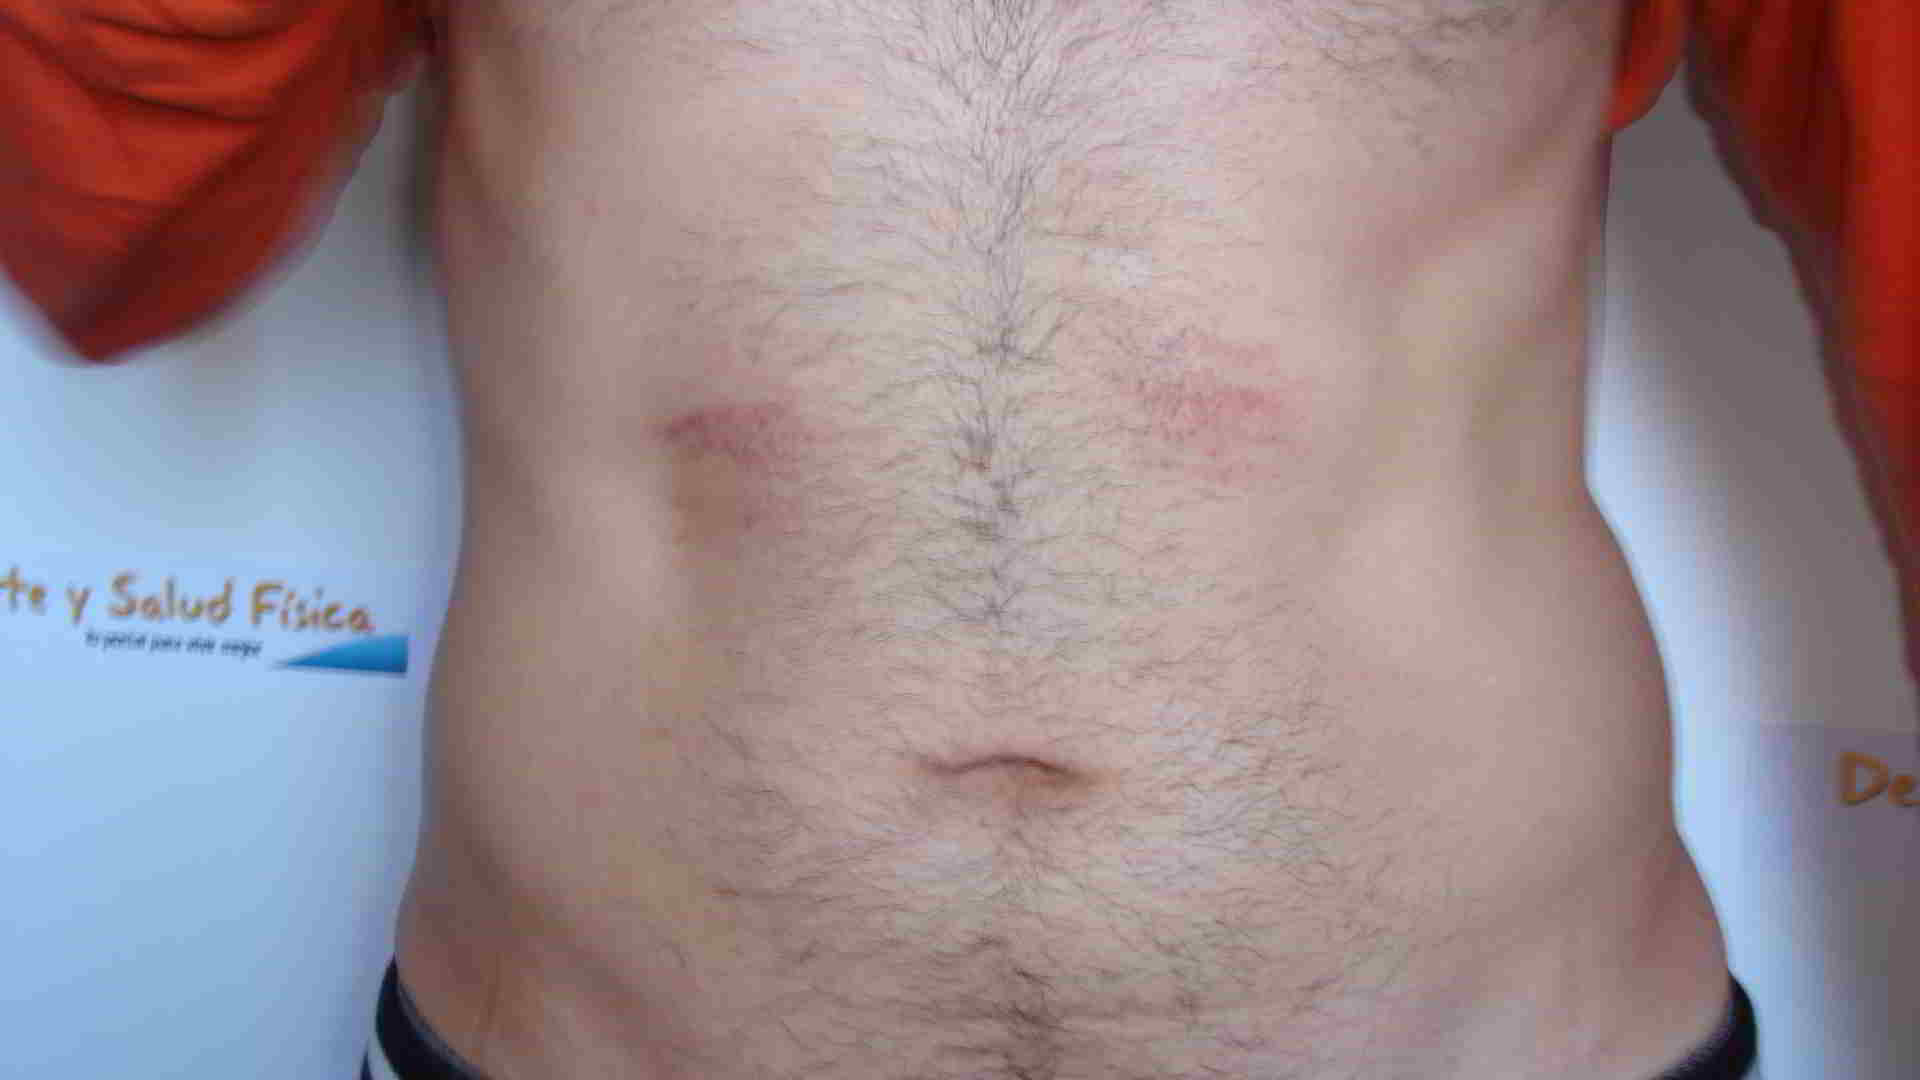 Algunas veces la electroestimulacion tiene contraindicaciones y provoca heridas por no utilizarse bien